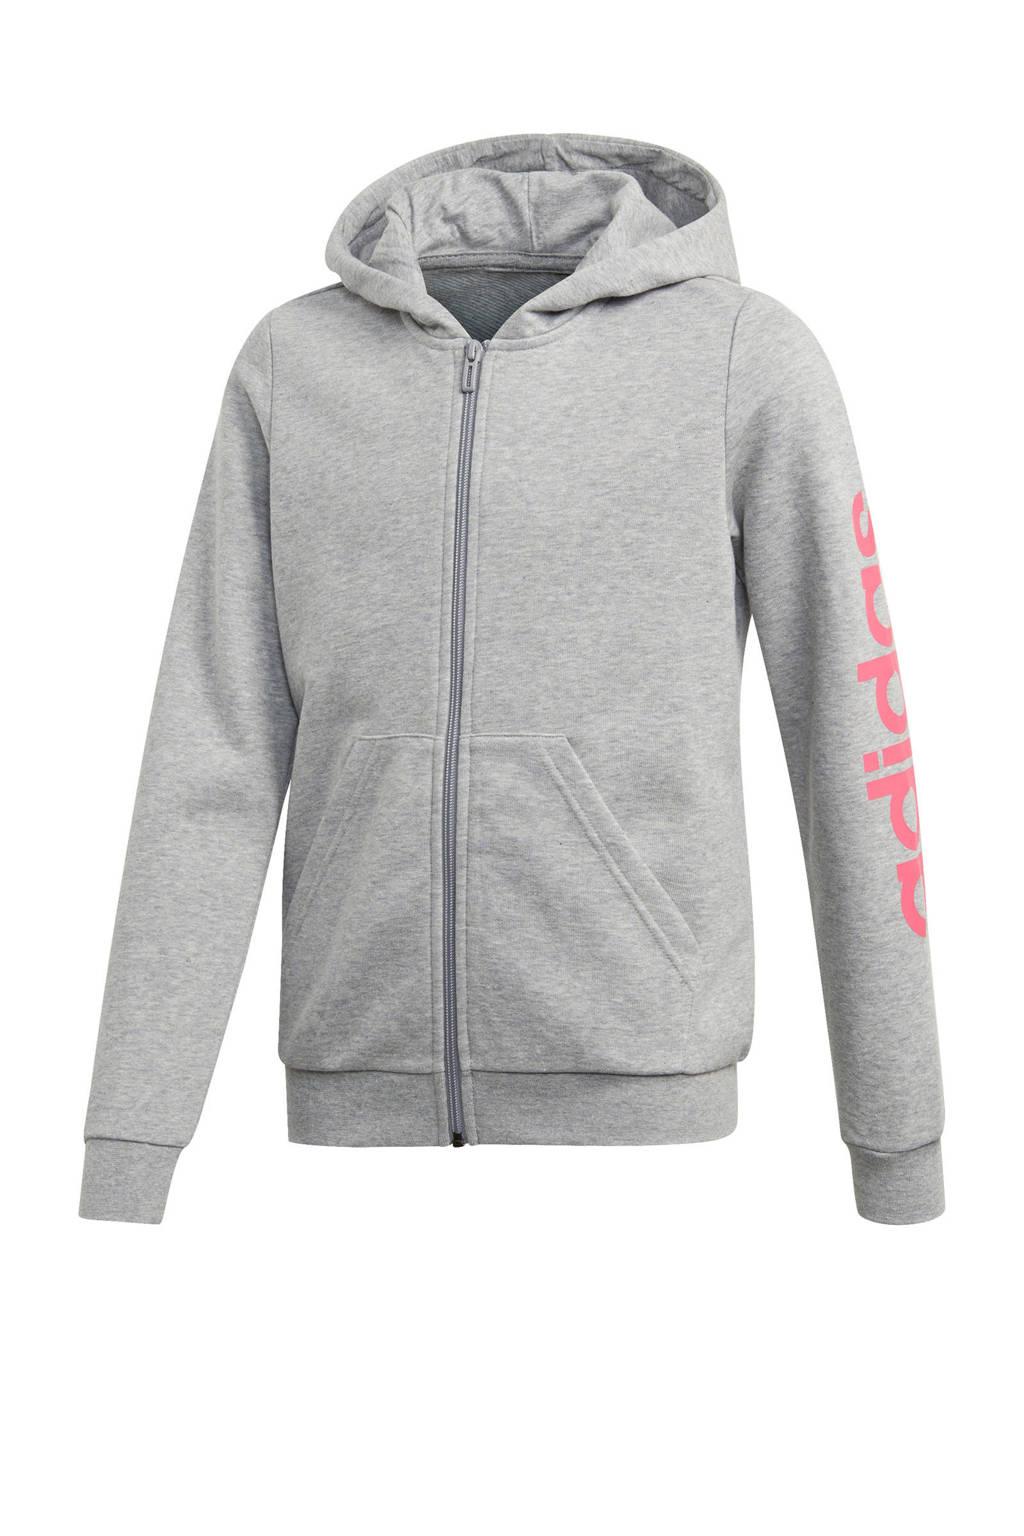 adidas sportvest grijs melange, Grijs melange/roze